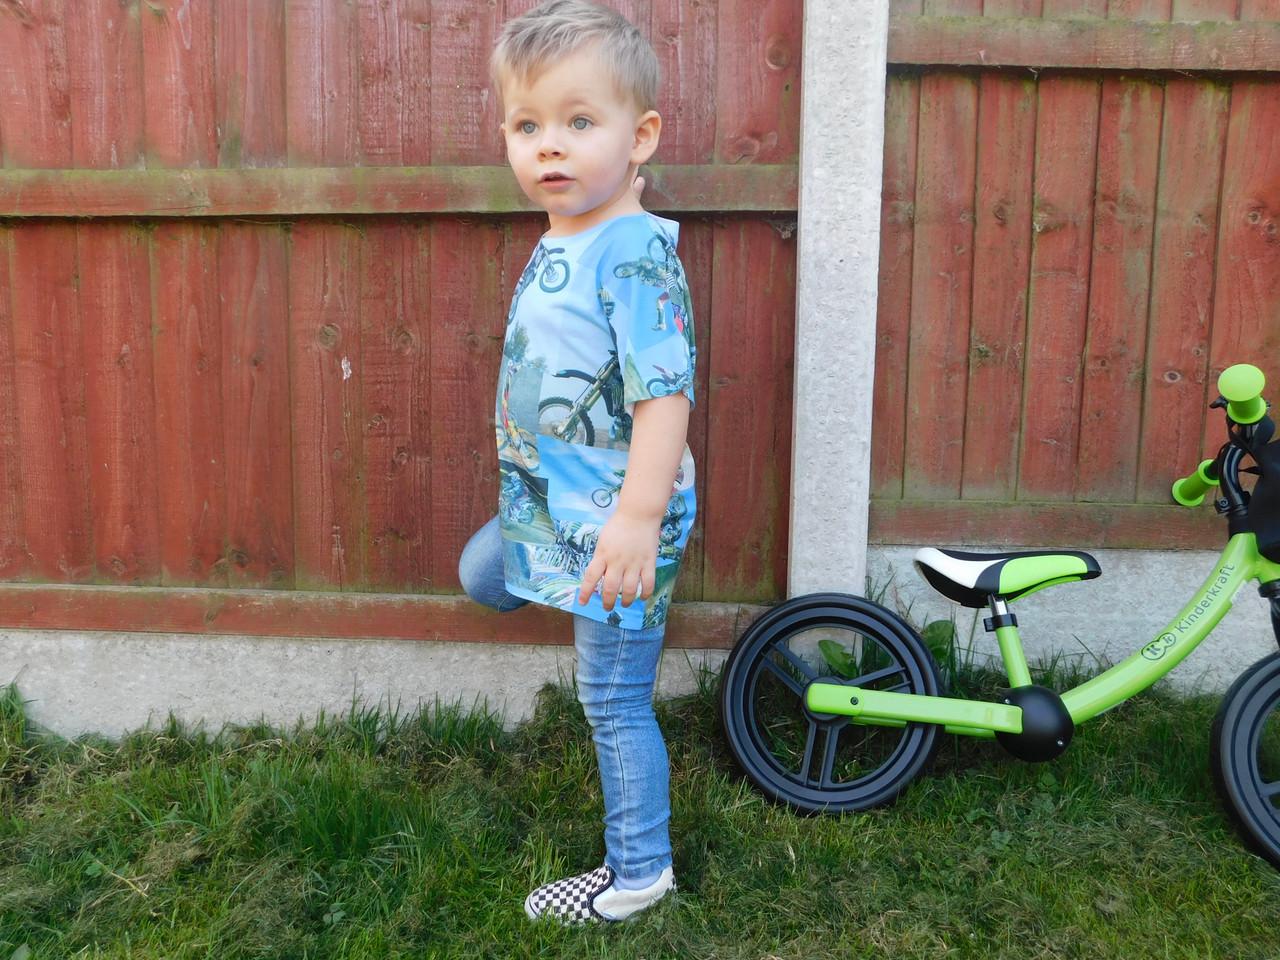 Motox Kiss Kids All Over T Shirt Motocross Dirt Bike Motorbike Tyler Durden Inspired Cool Toddler